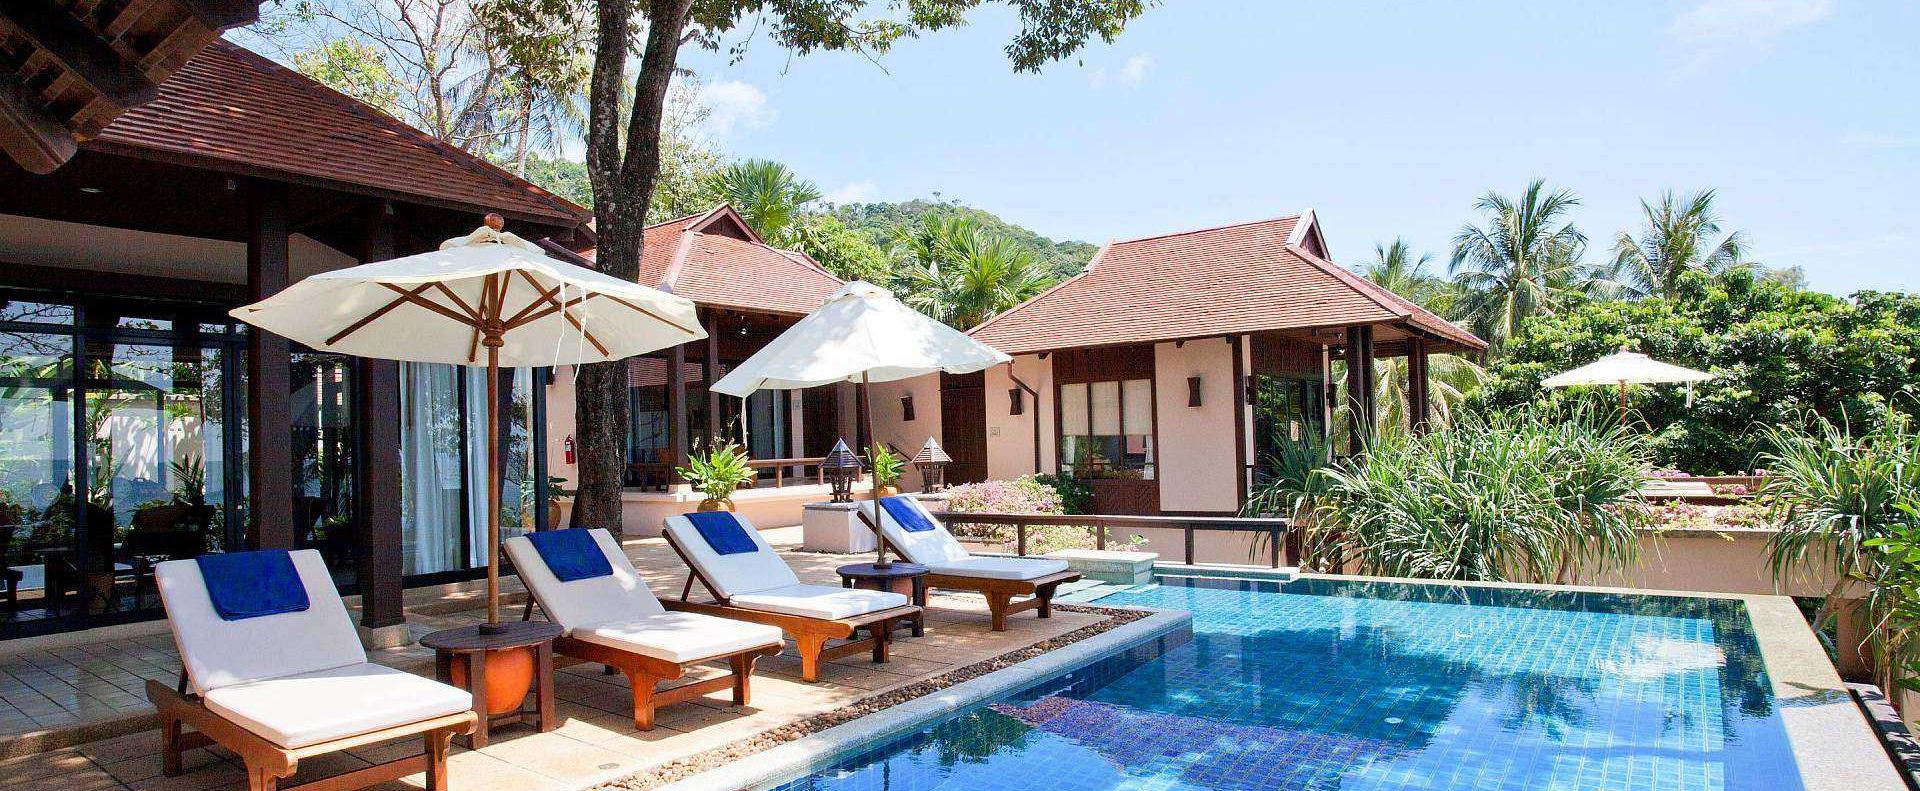 Вилла на берегу тайланд продажа недвижимости за рубежом налогообложение